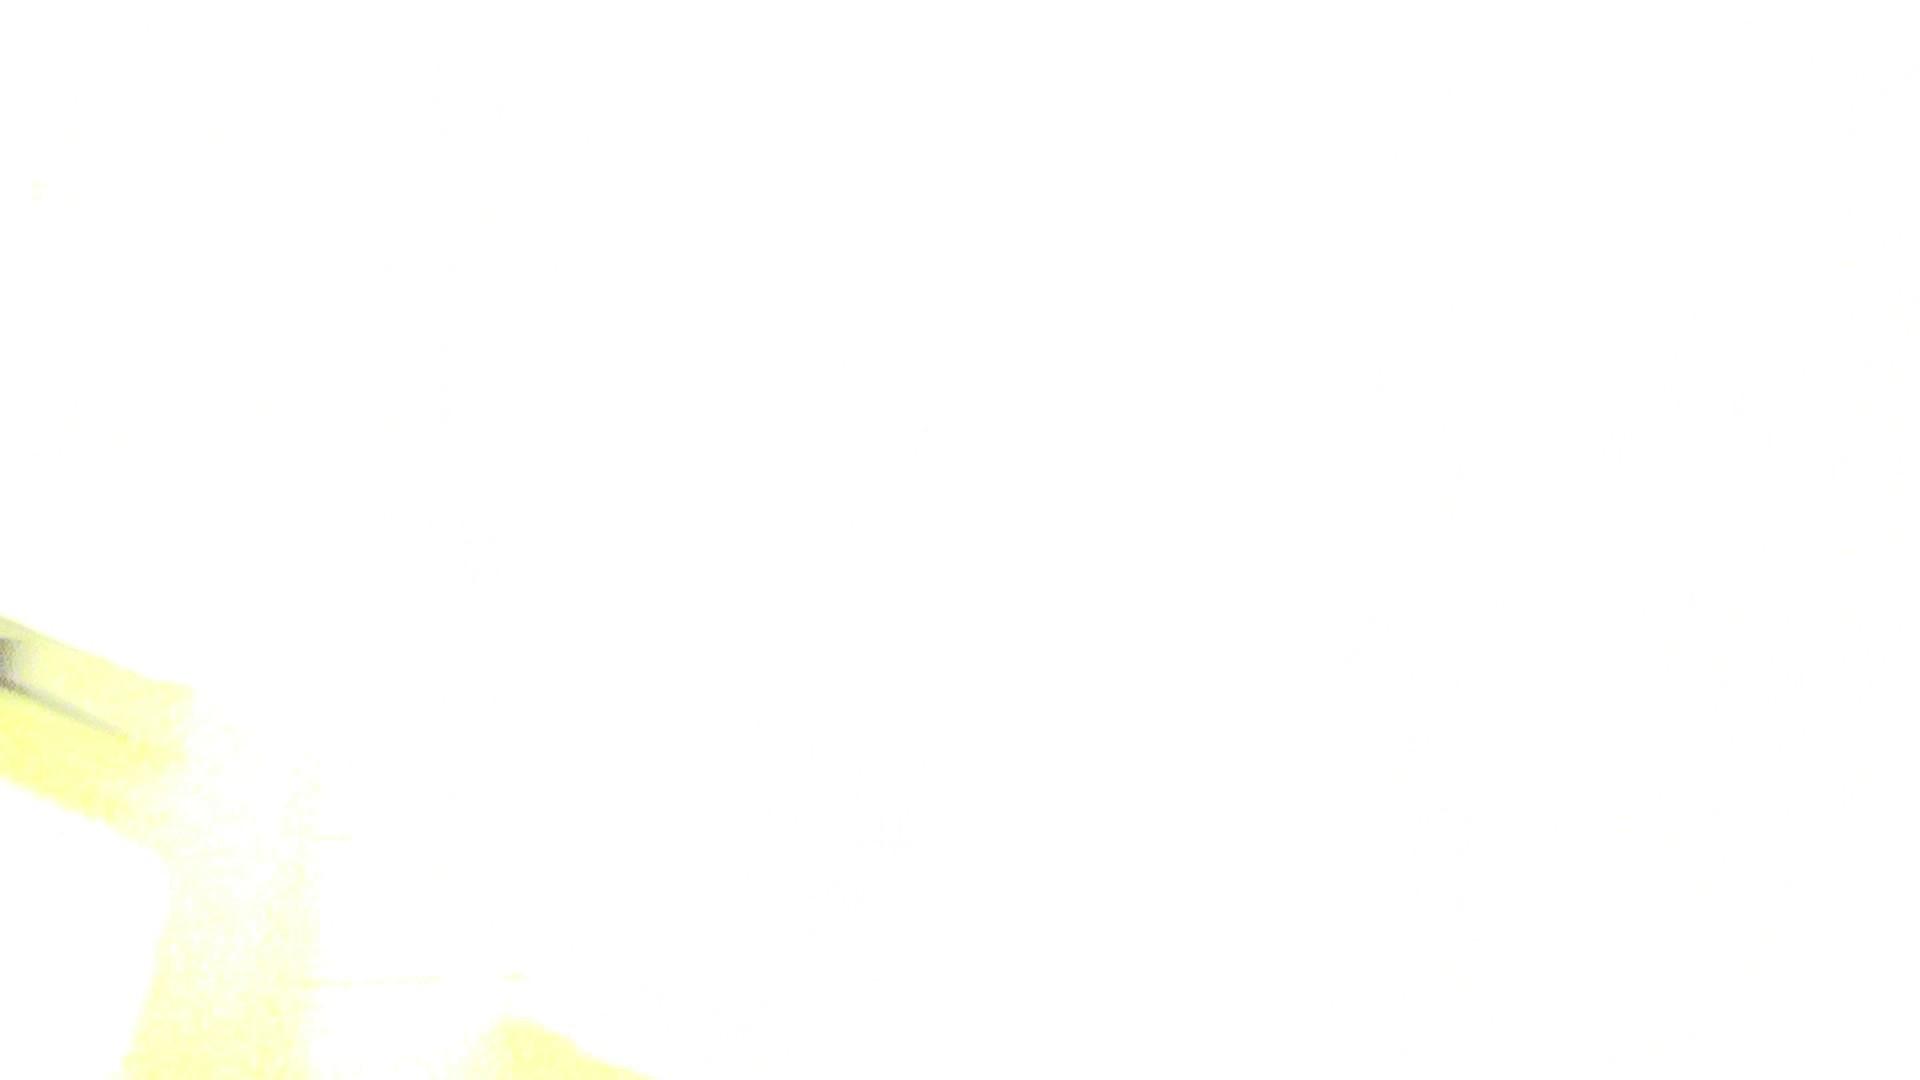 100個限定販売 至高下半身盗撮 プレミアム Vol.6 ハイビジョン 洗面所   ギャル攻め  105画像 65